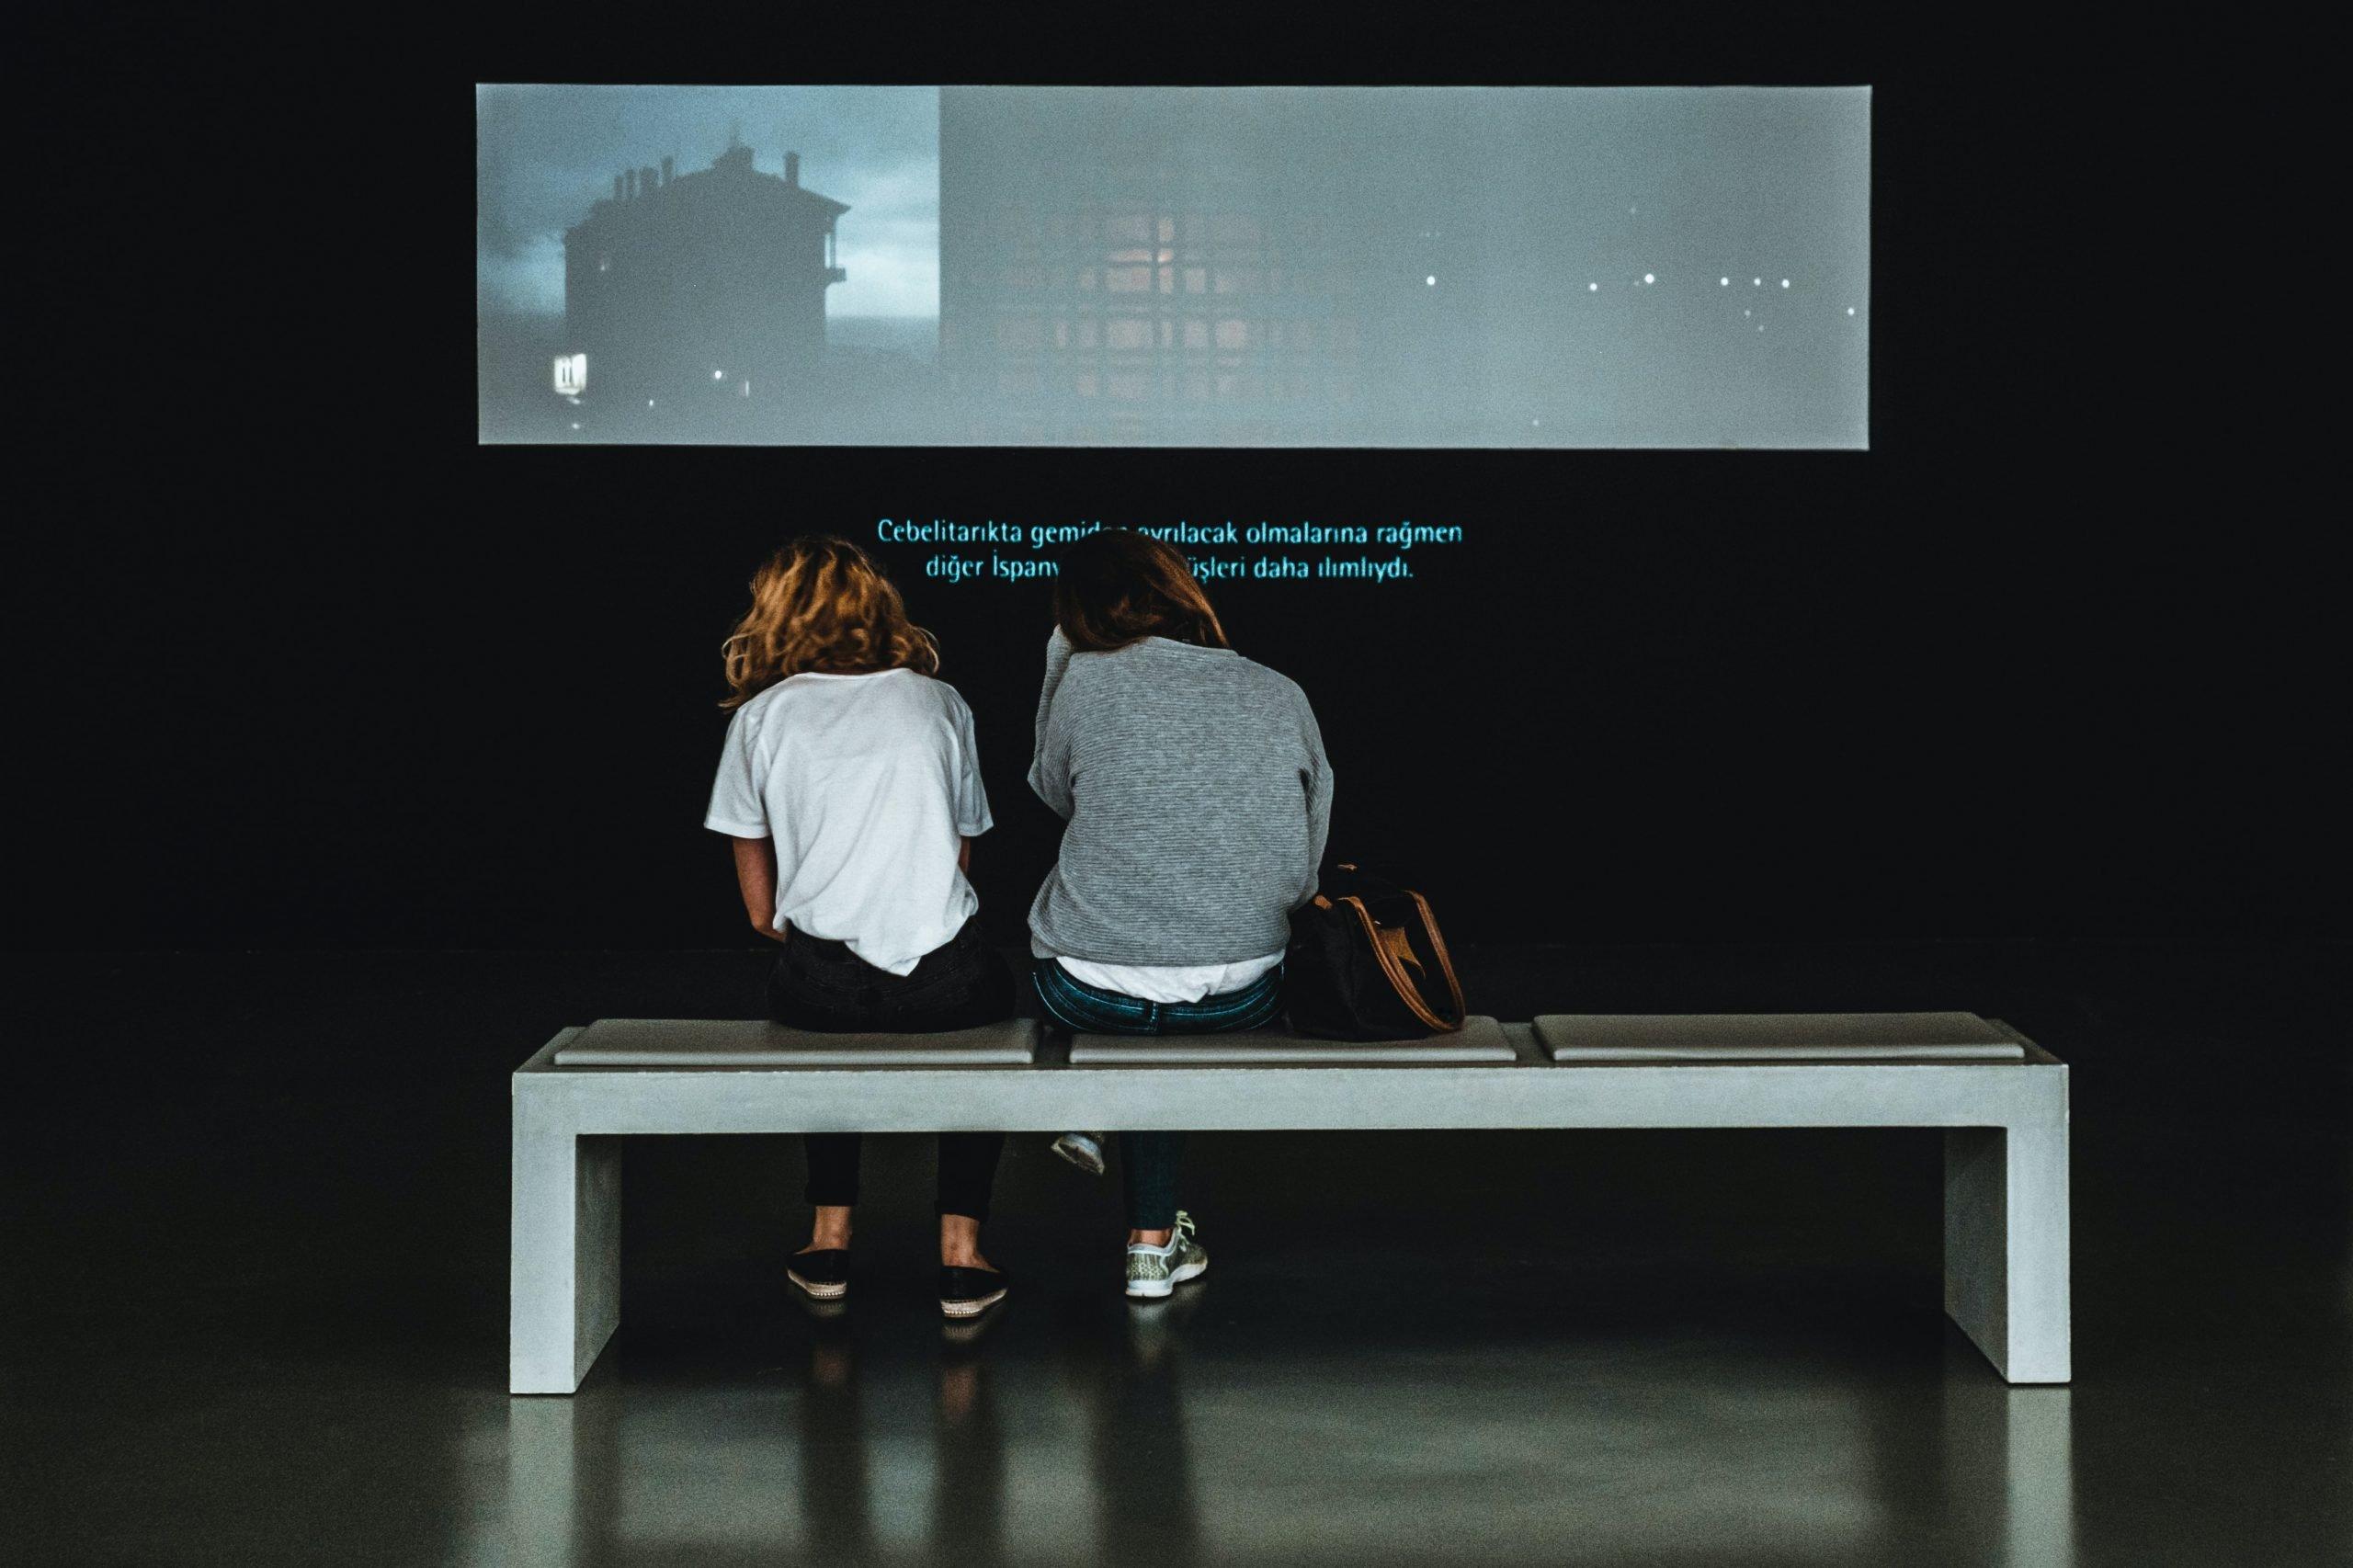 La traduzione per i prodotti audiovisivi: i sottotitoli per il cinema e la televisione